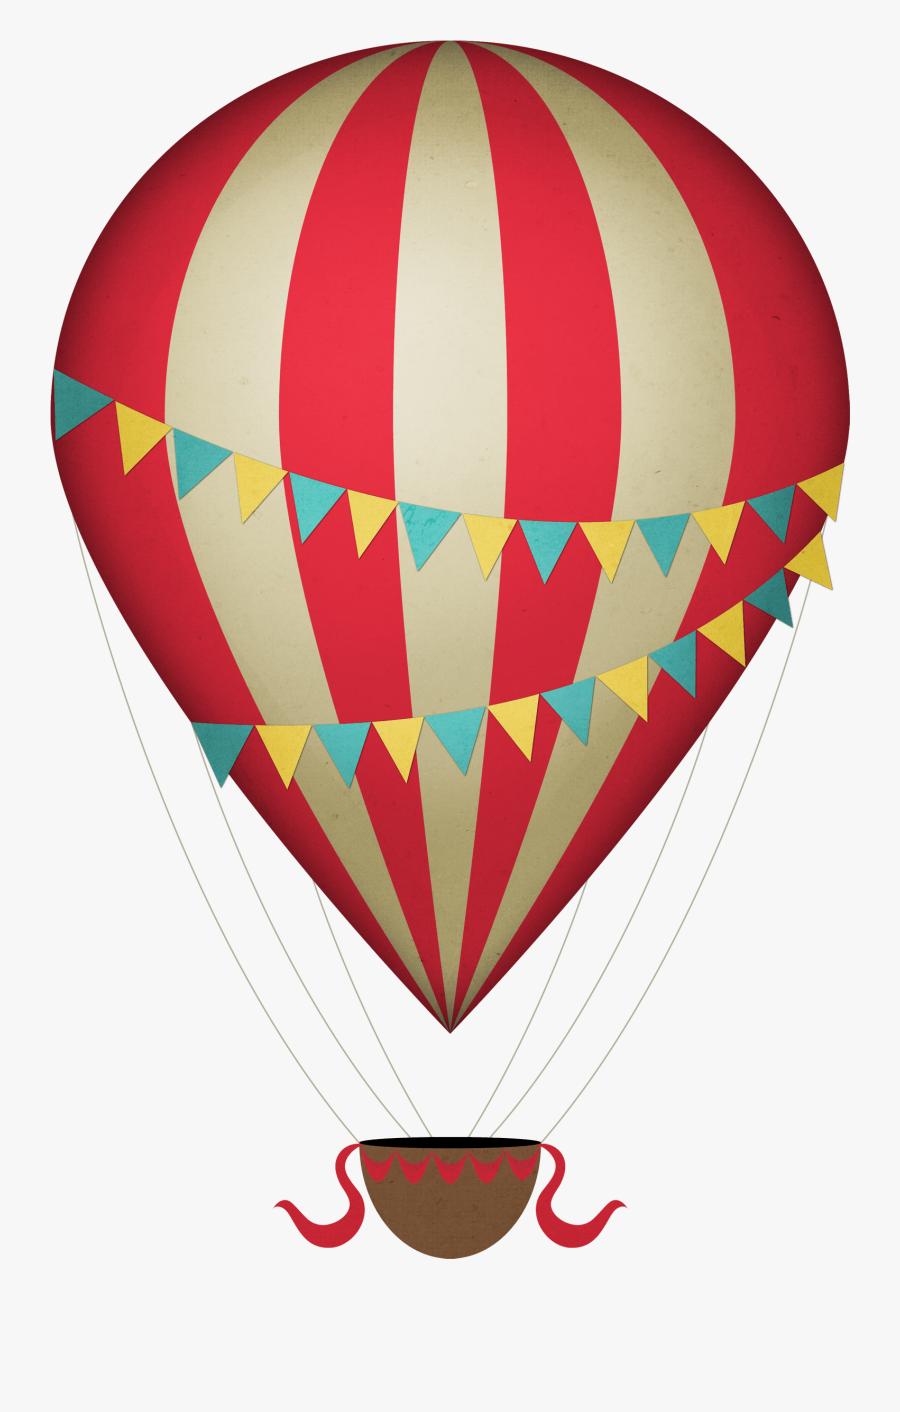 Vintage Clipart Hot Air Balloon - Hot Air Balloon Clipart Png, Transparent Clipart